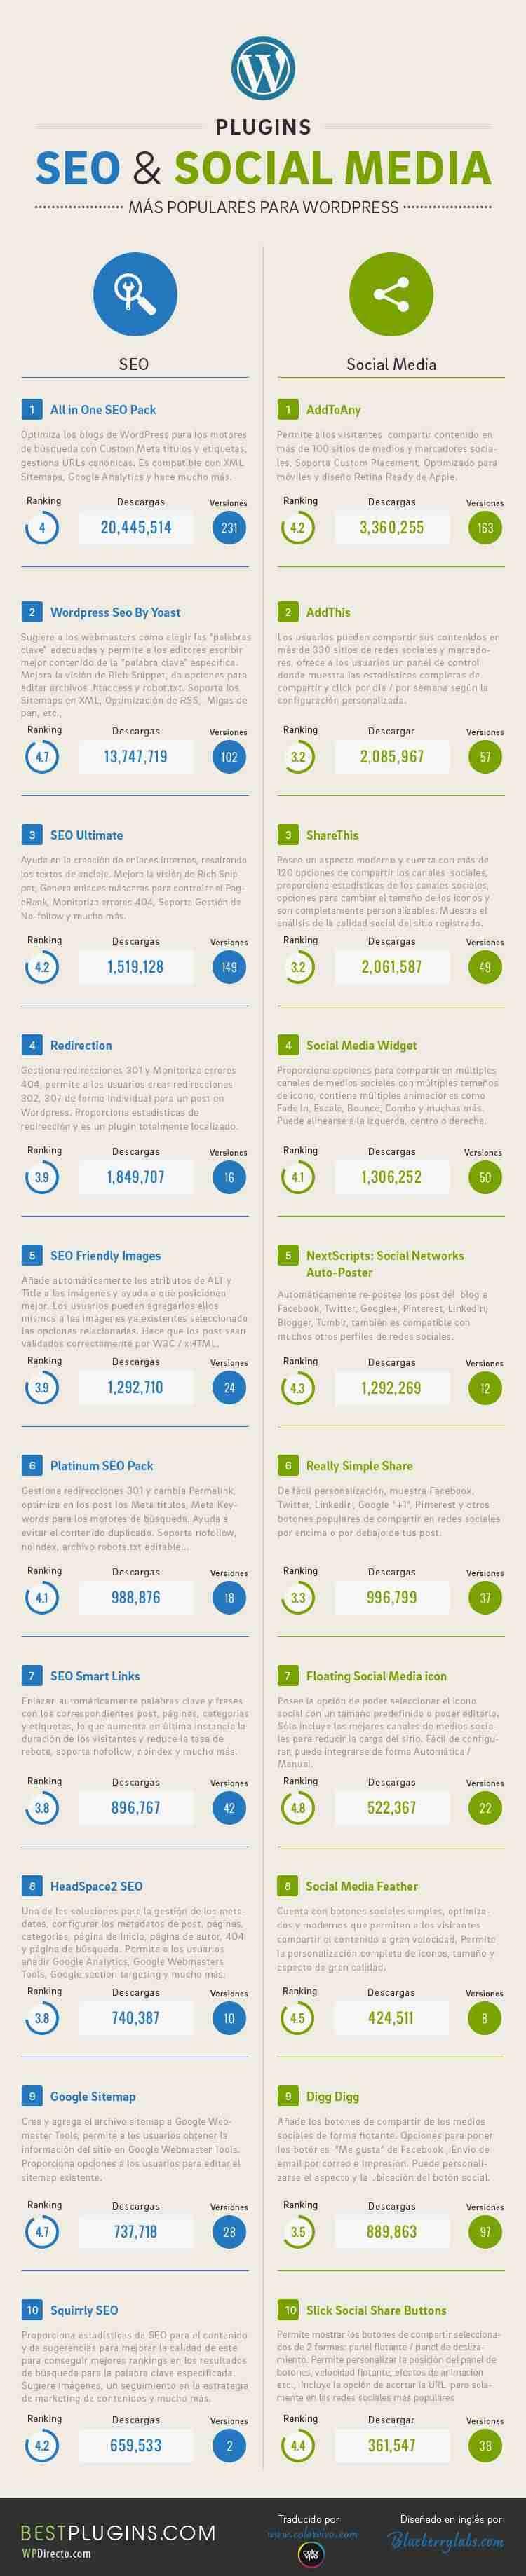 mejores plugins de wordpress para seo y social media